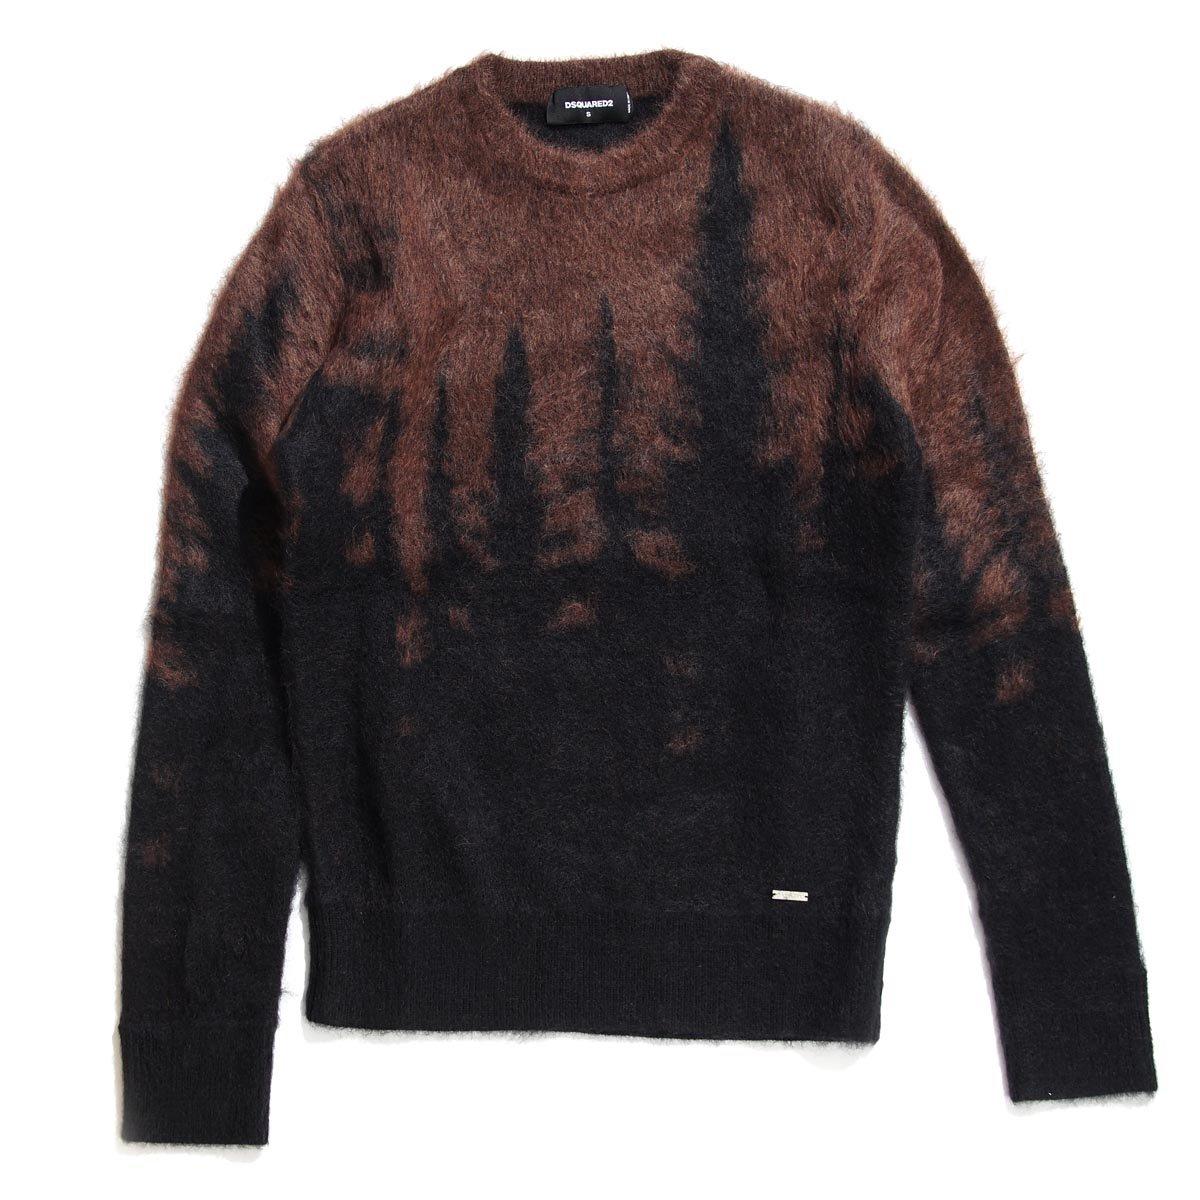 (ディースクエアード) DSQUARED2 モヘア セーター [並行輸入品] B073B7GCTS S ブラウン ブラウン S